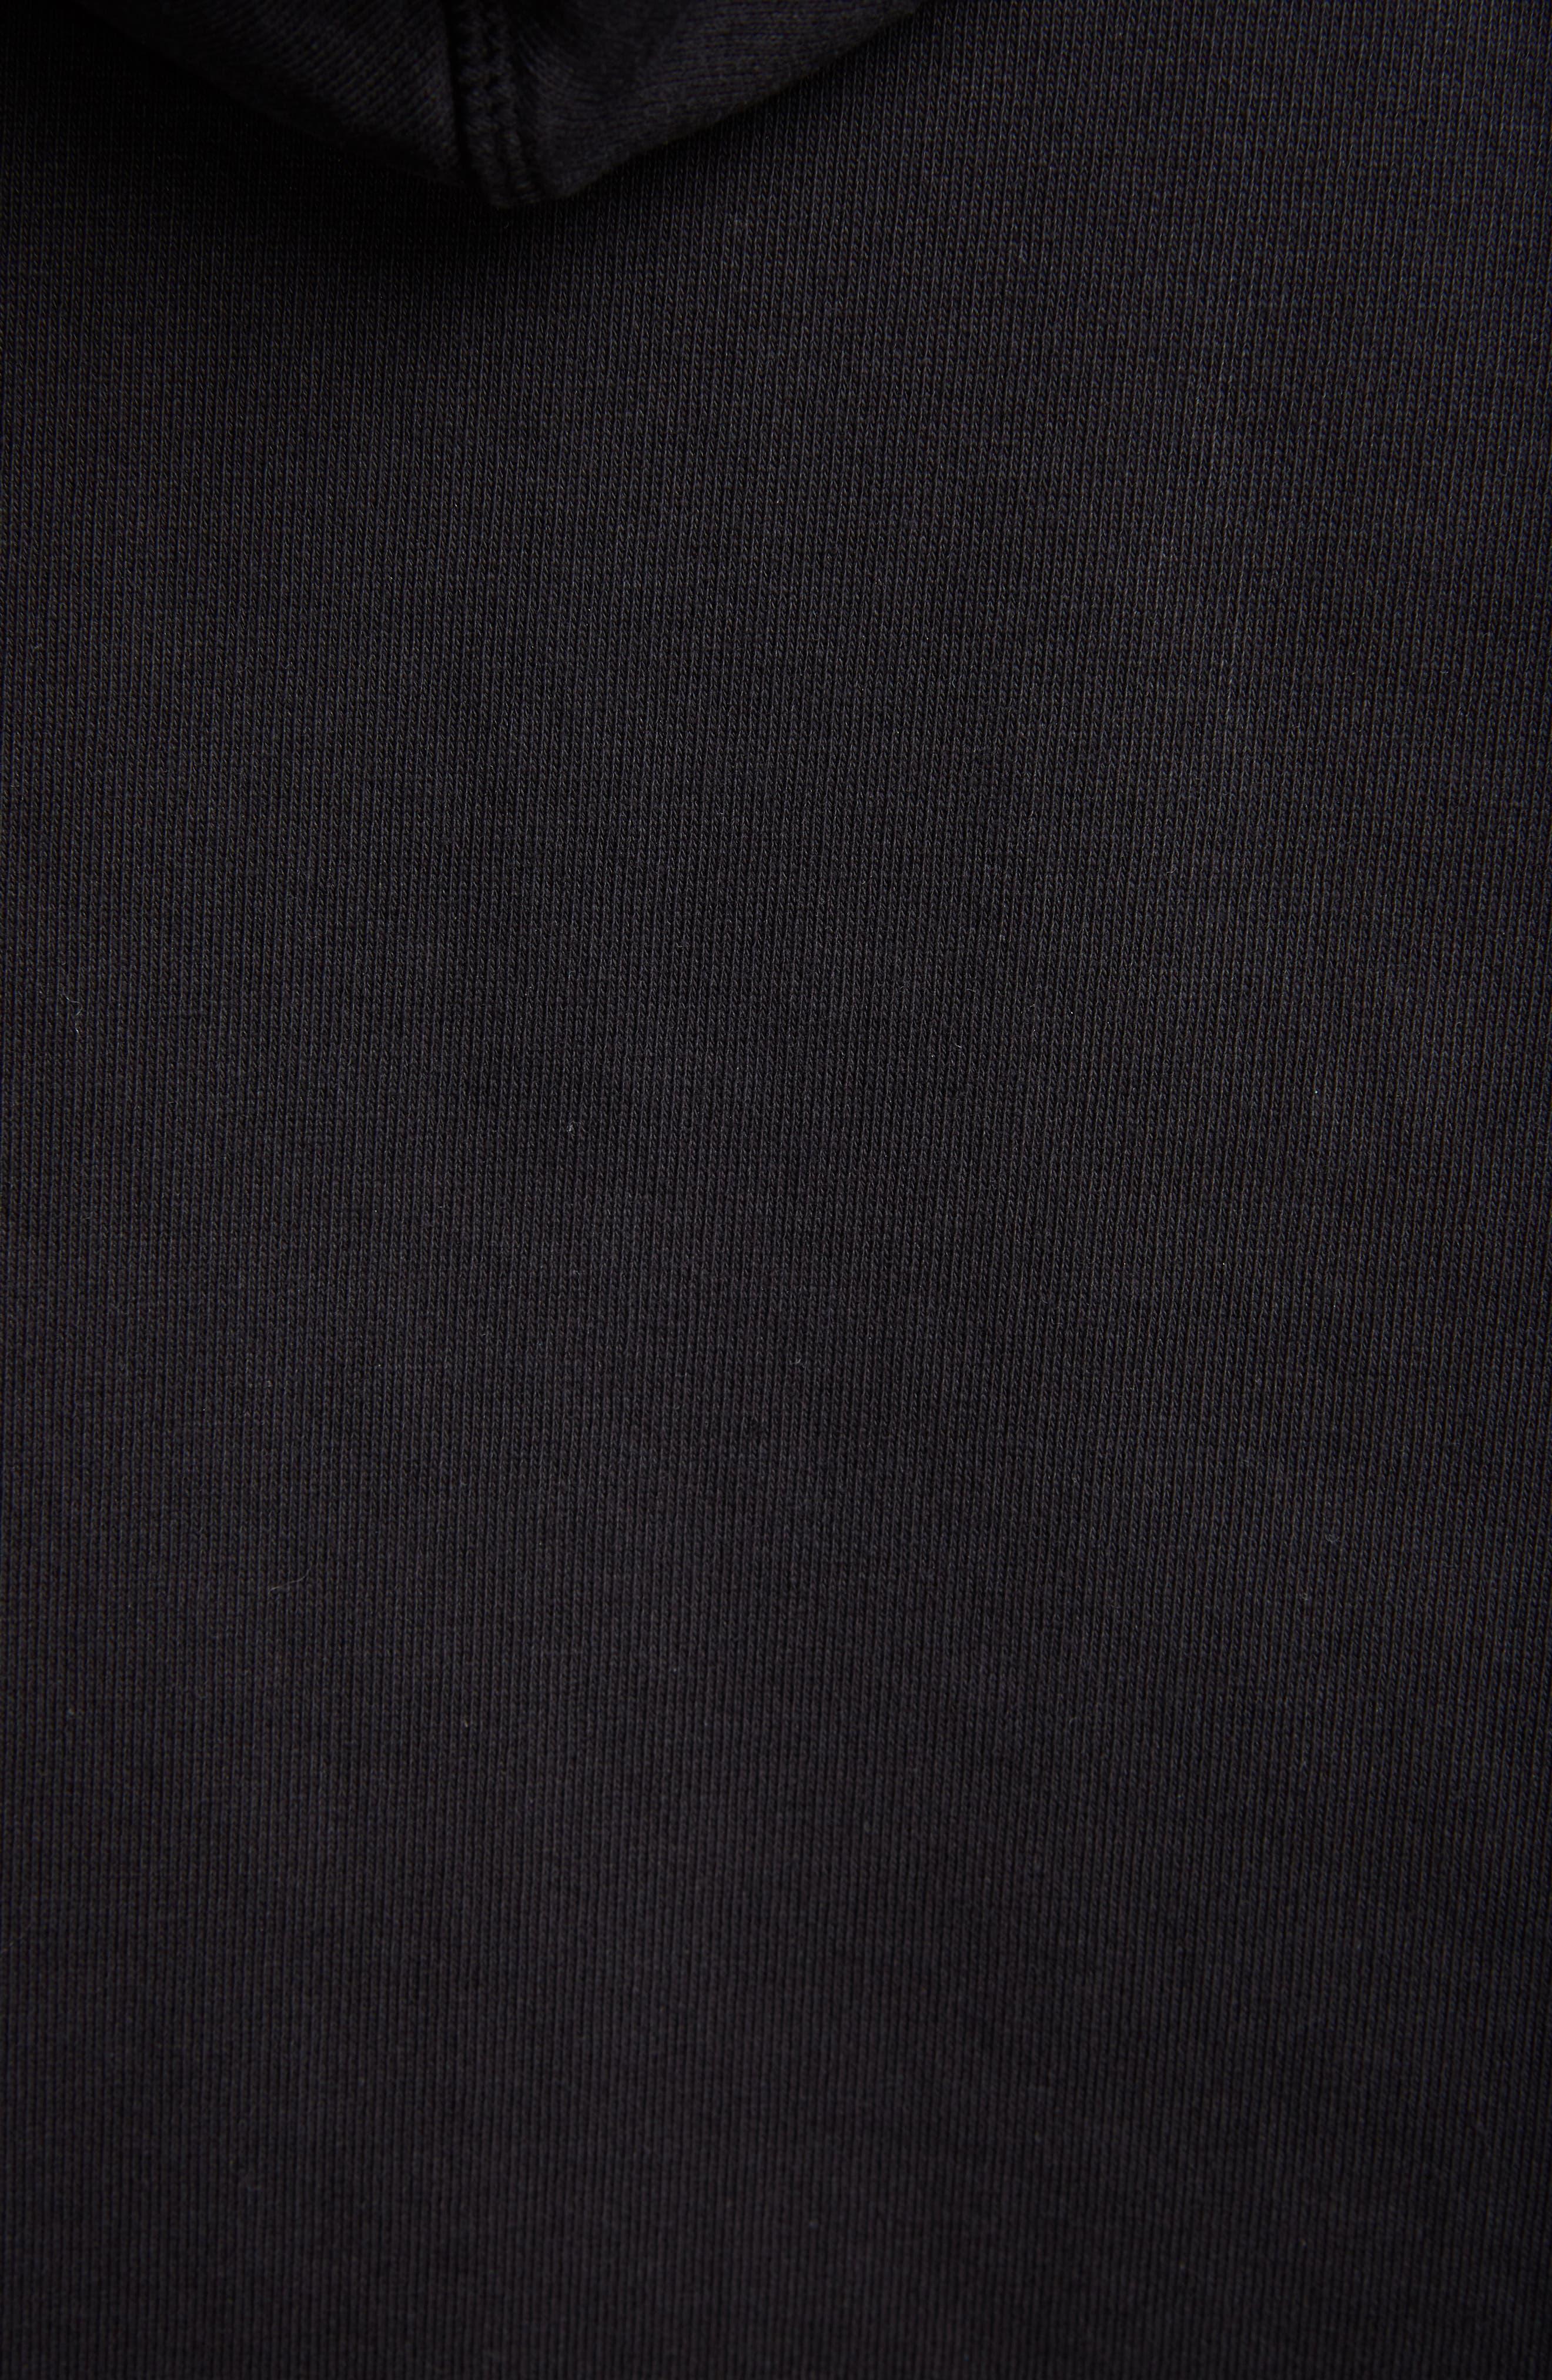 ACNE STUDIOS,                             Joghy Embossed Logo Crop Hoodie,                             Alternate thumbnail 5, color,                             BLACK